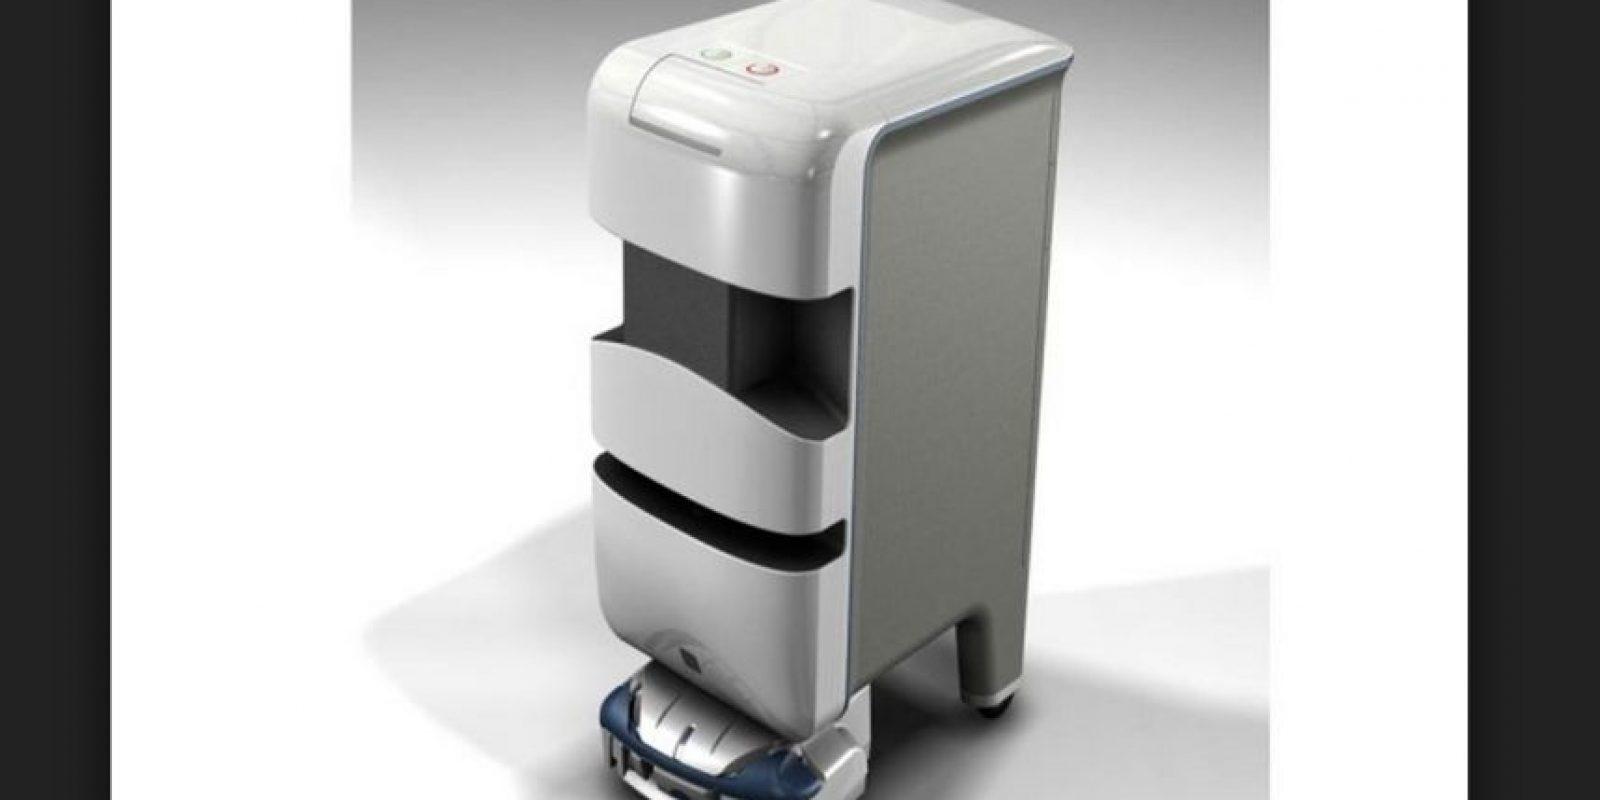 Aethon TUG es un sistema automatizado que permite con facilidad mover suministros como medicamentos, ropa y alimentos de un espacio a otro. Foto:Aethon